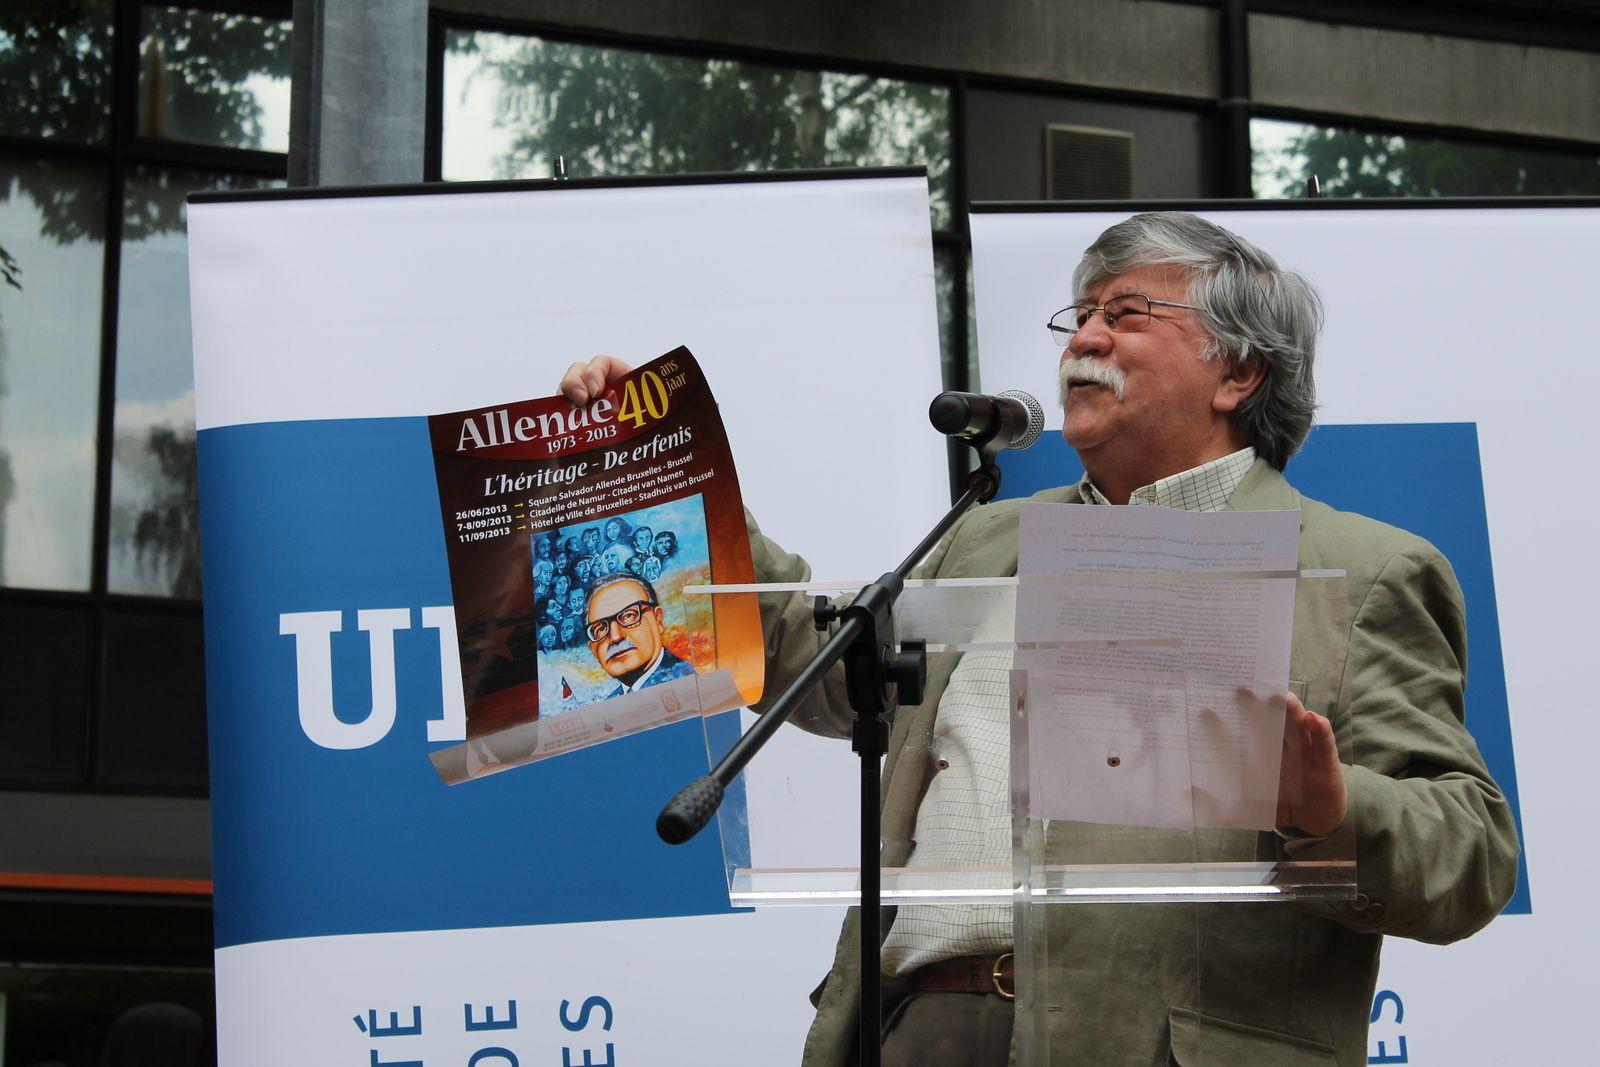 Sergio Rojas Fernandez montrant l'affiche du Comité Allende 40 réalisée par le graphiste chilien Claudio Maldonado Diaz